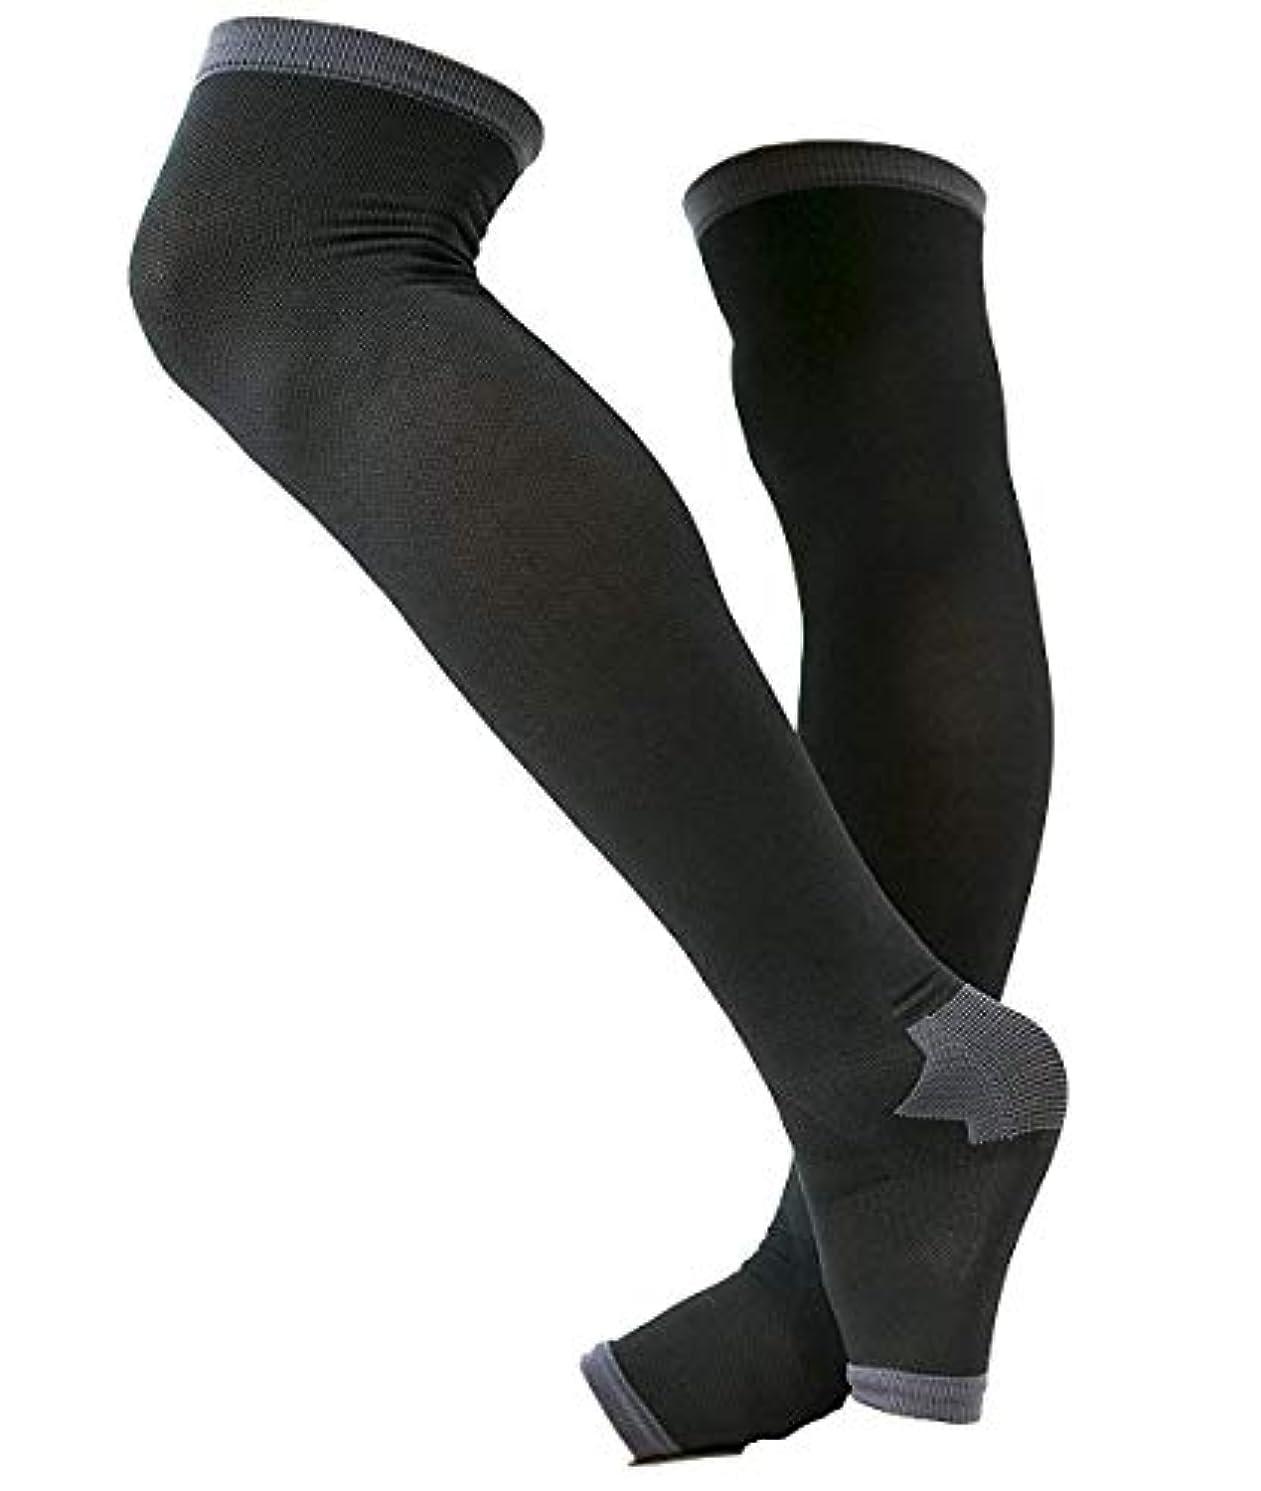 通行料金ハーフ控えめな冷え性対策 男性専用脚すっきり対策オープントゥ着圧ソックス 膝上 L-LL